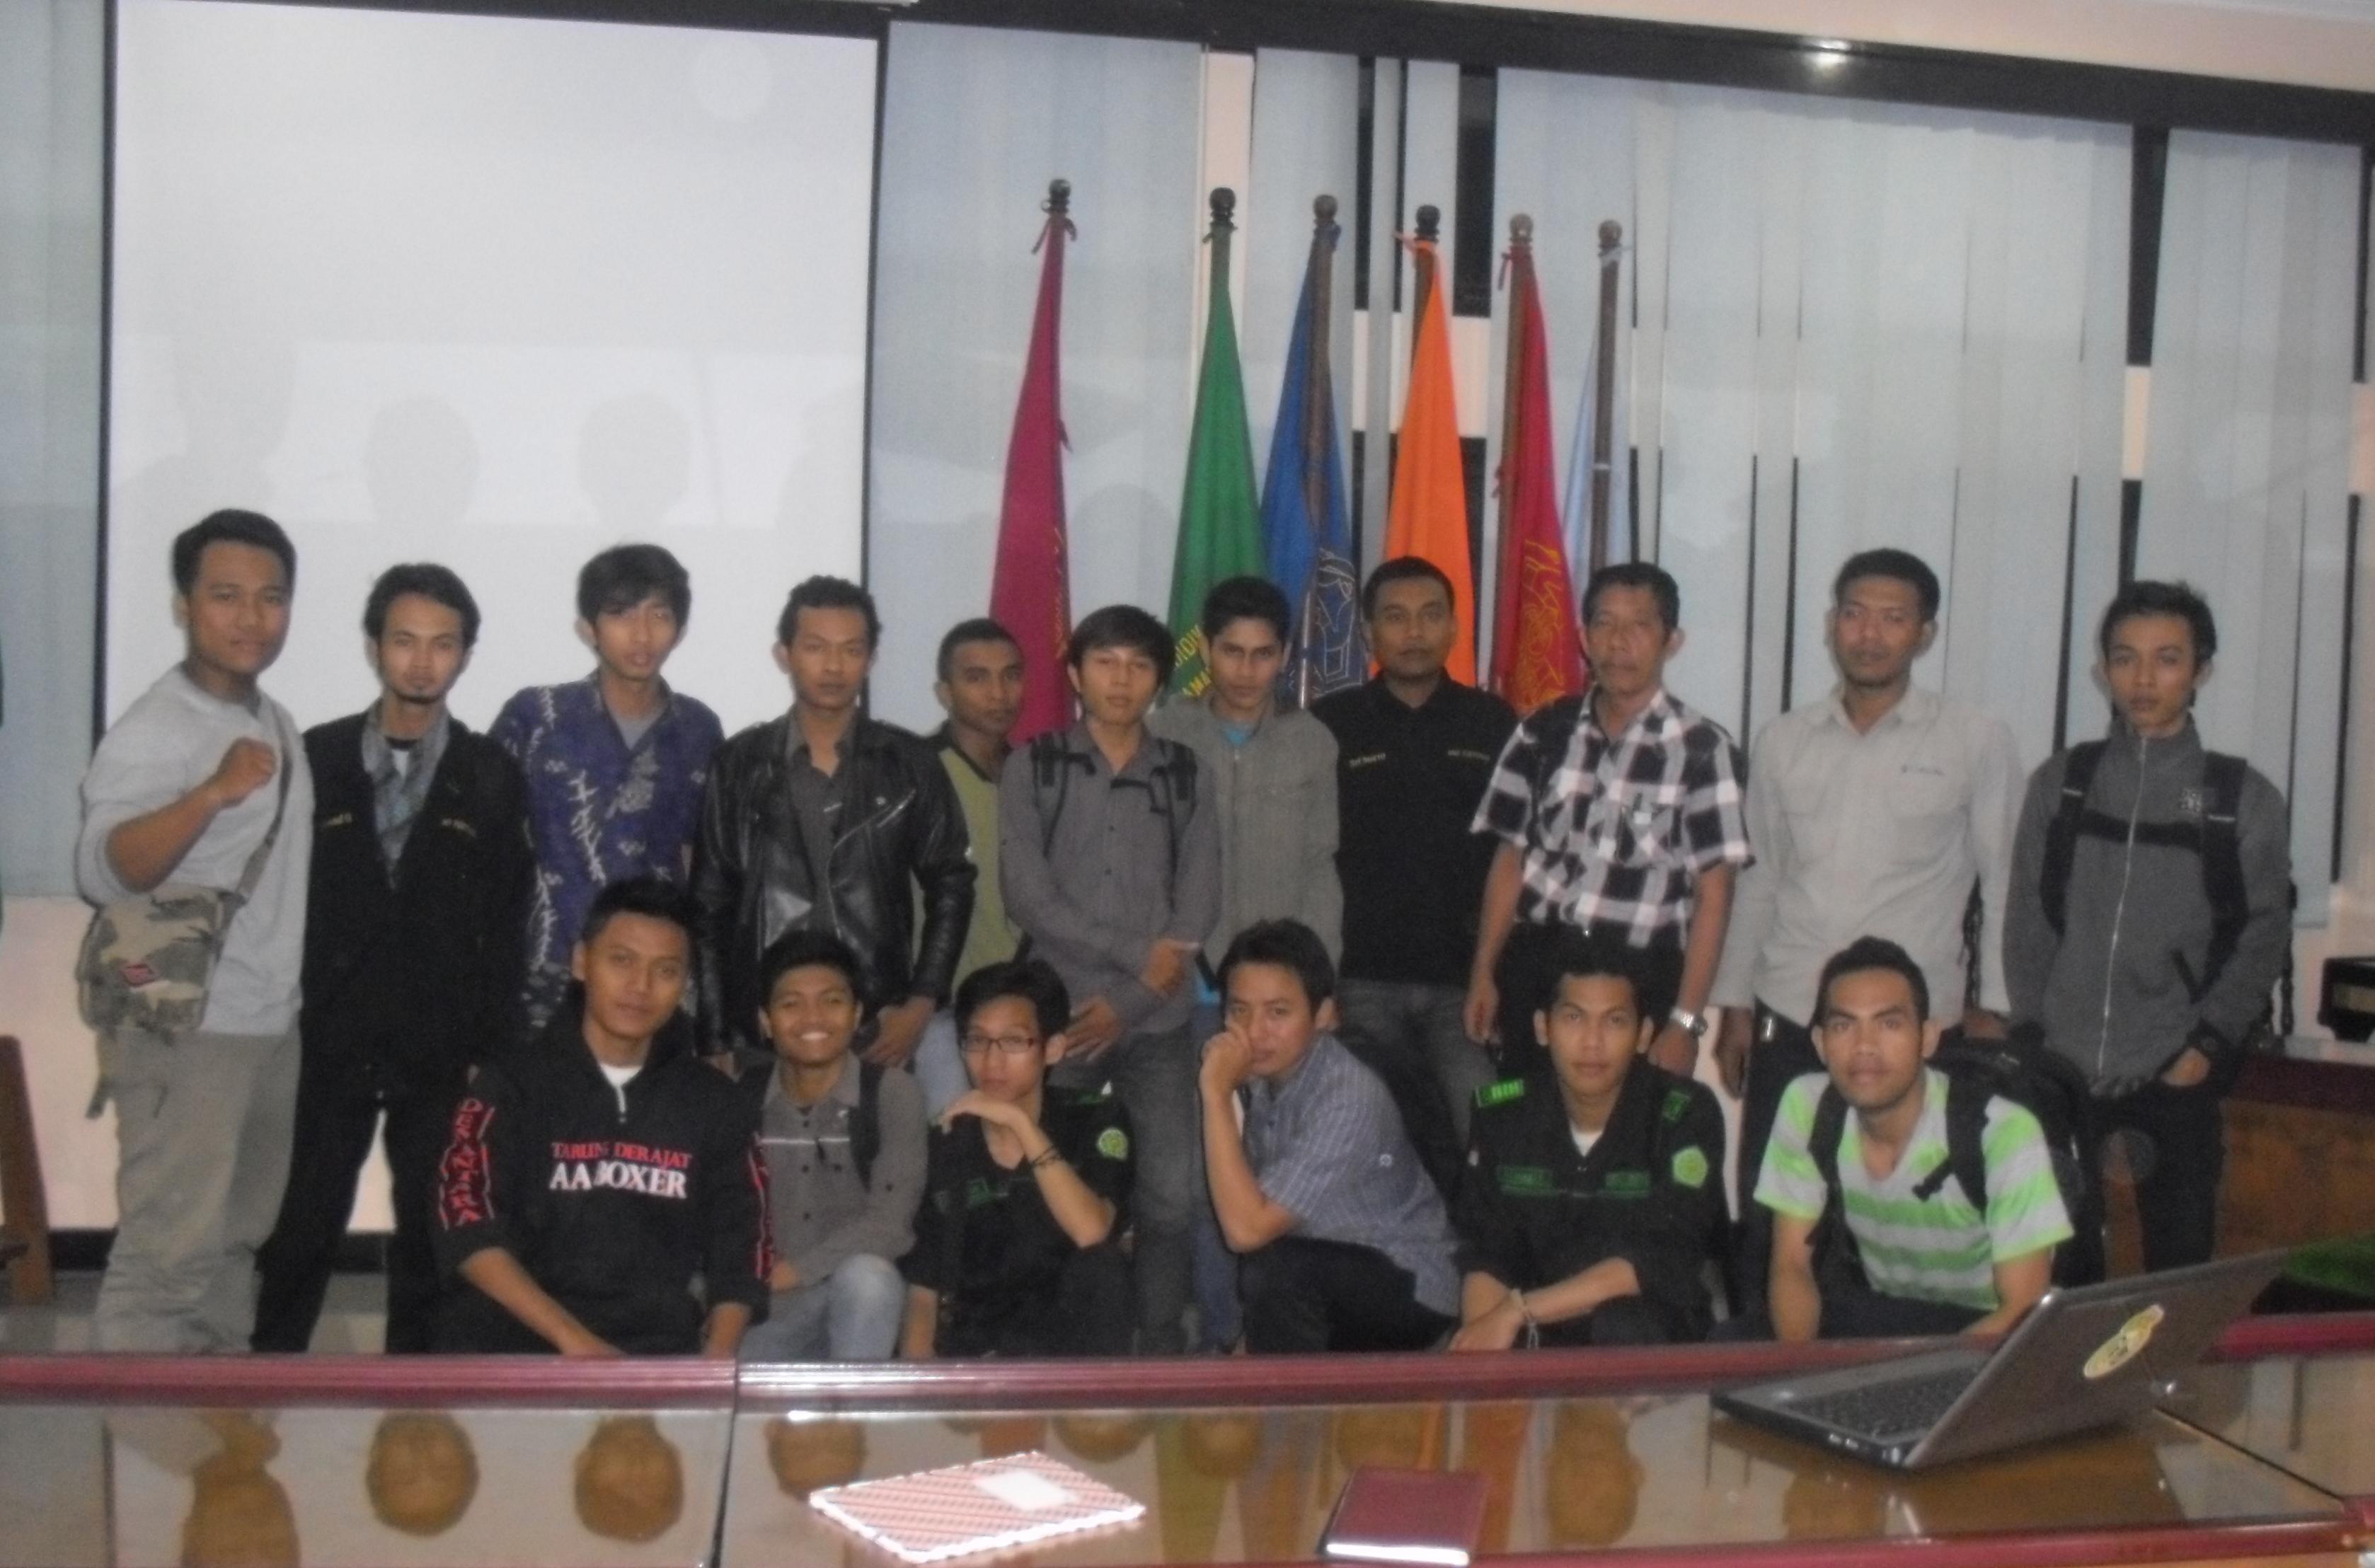 Surya Herdianto (berdiri, dua dari kanan) yang berkemeja putih foto bersama saat Plotingan Dana Lembaga Kemahasiswaan dan UKM UST pada 17 Januari 2013 lalu. Saat itu dirinya masih menjabat sebagai Ketua Mapala Bangkel UST. Foto: dok. Pendapa